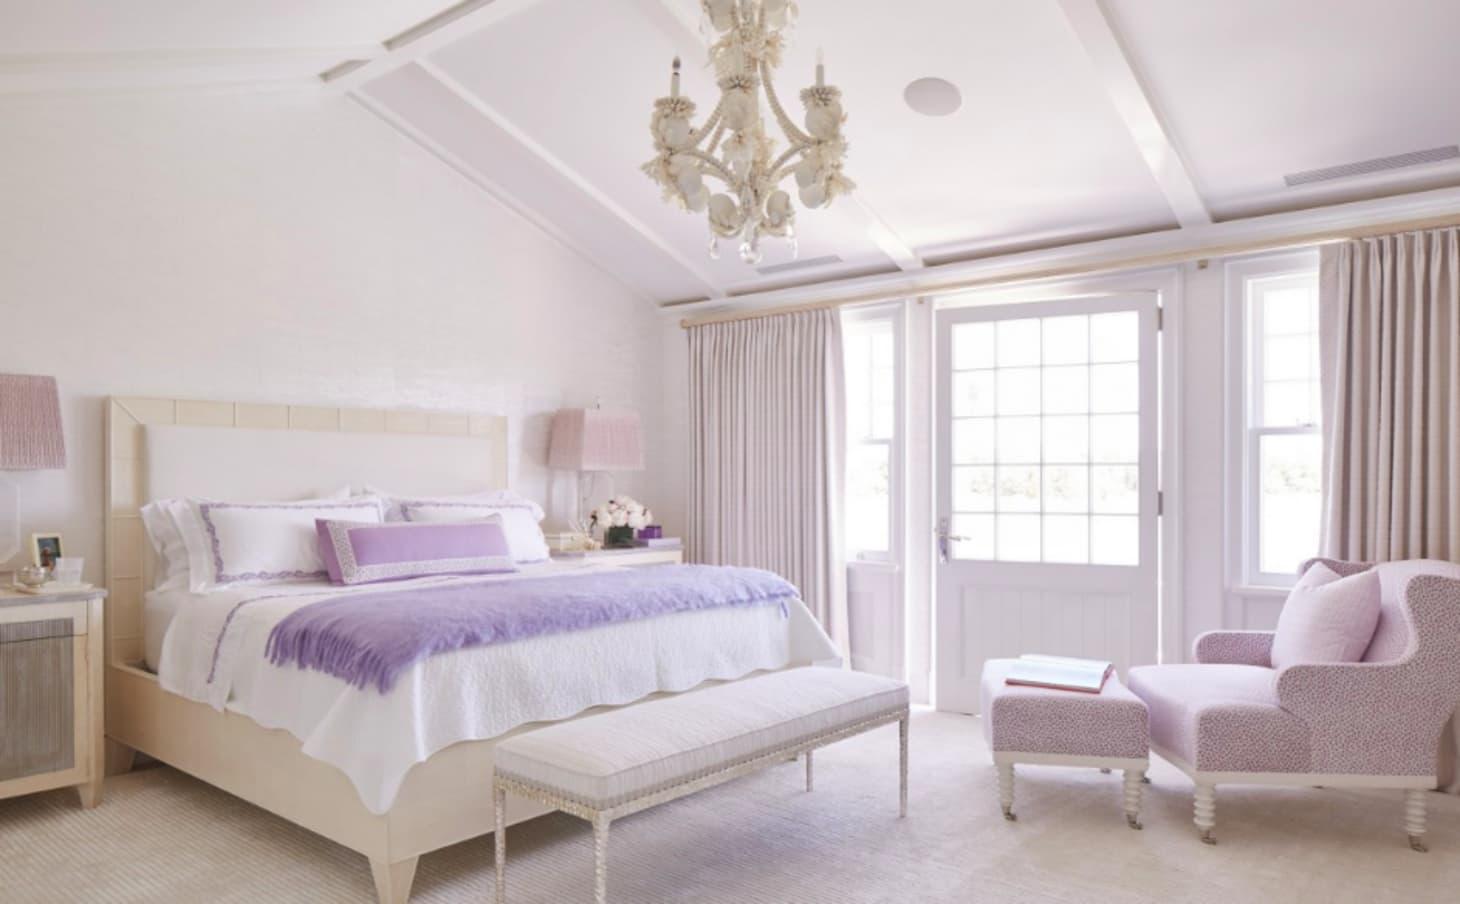 Purple Room Decor - Lavender Home Design Ideas | Apartment Therapy